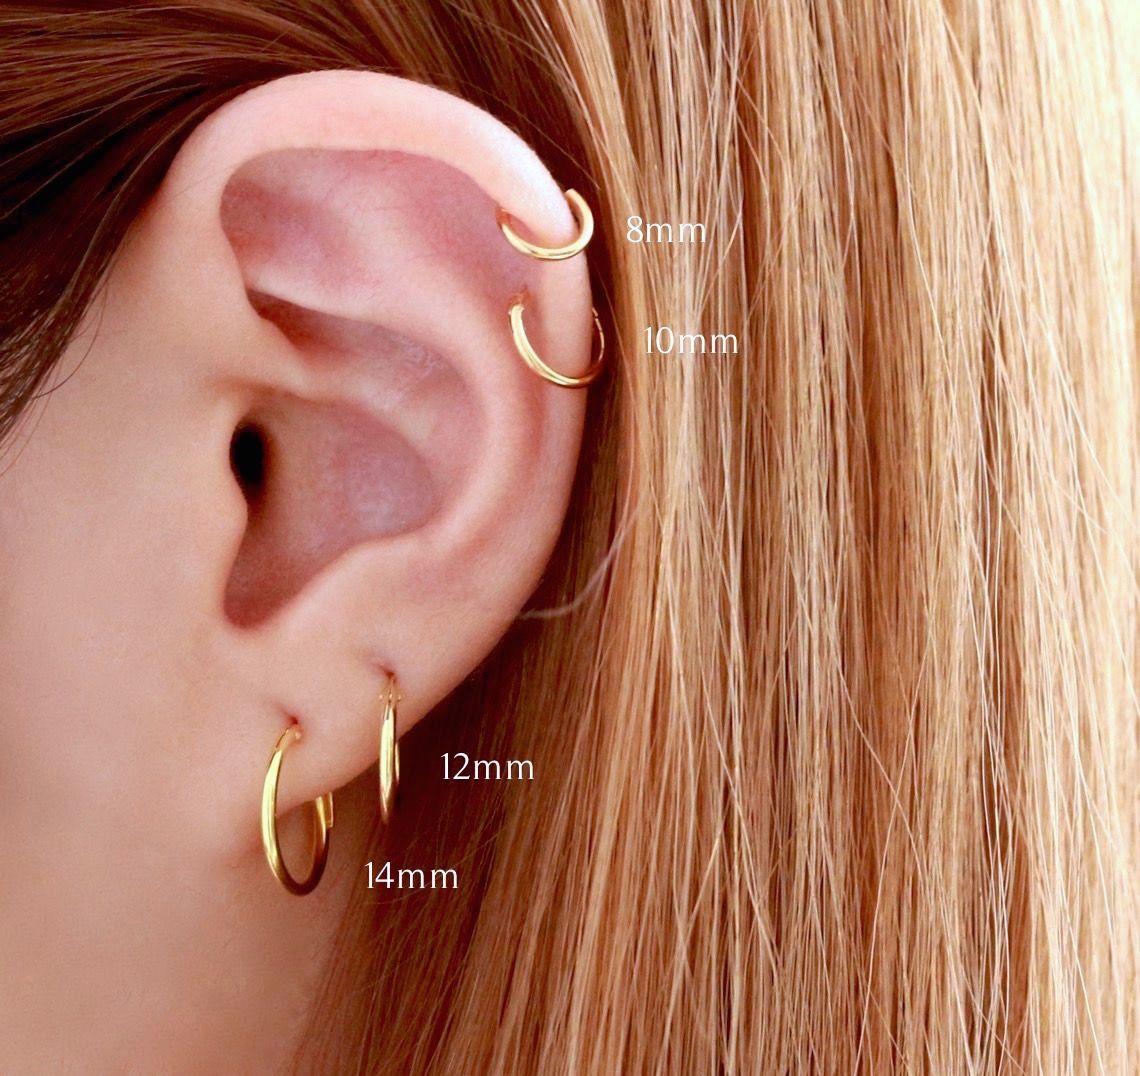 d1187a3ec 8mm Hoop Earring | Percing | Przekłuwanie uszu, Kolczyki, Biżuteria